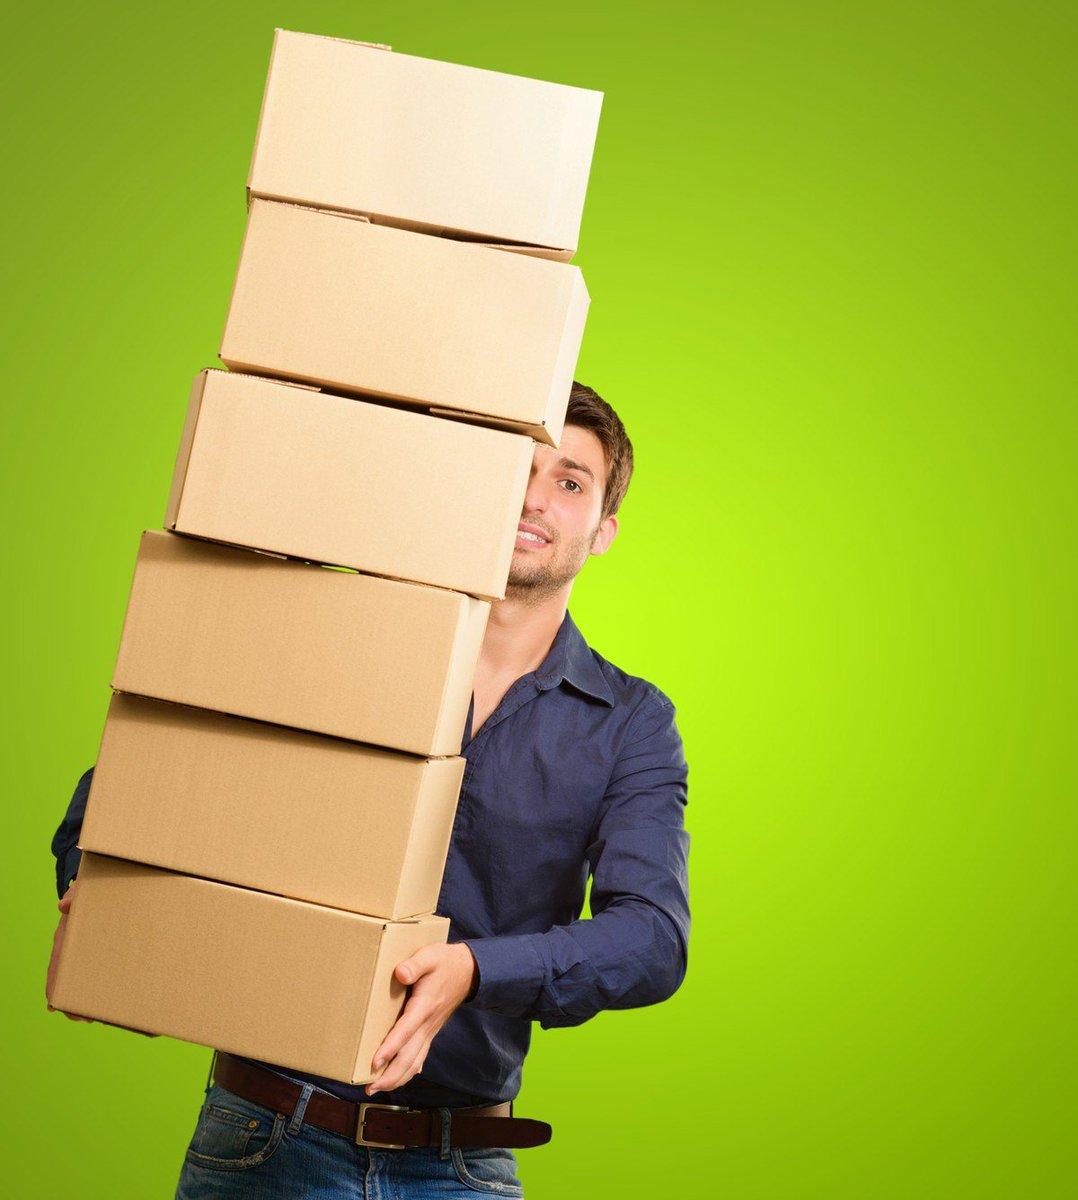 Для стерв, картинка с коробками заказов